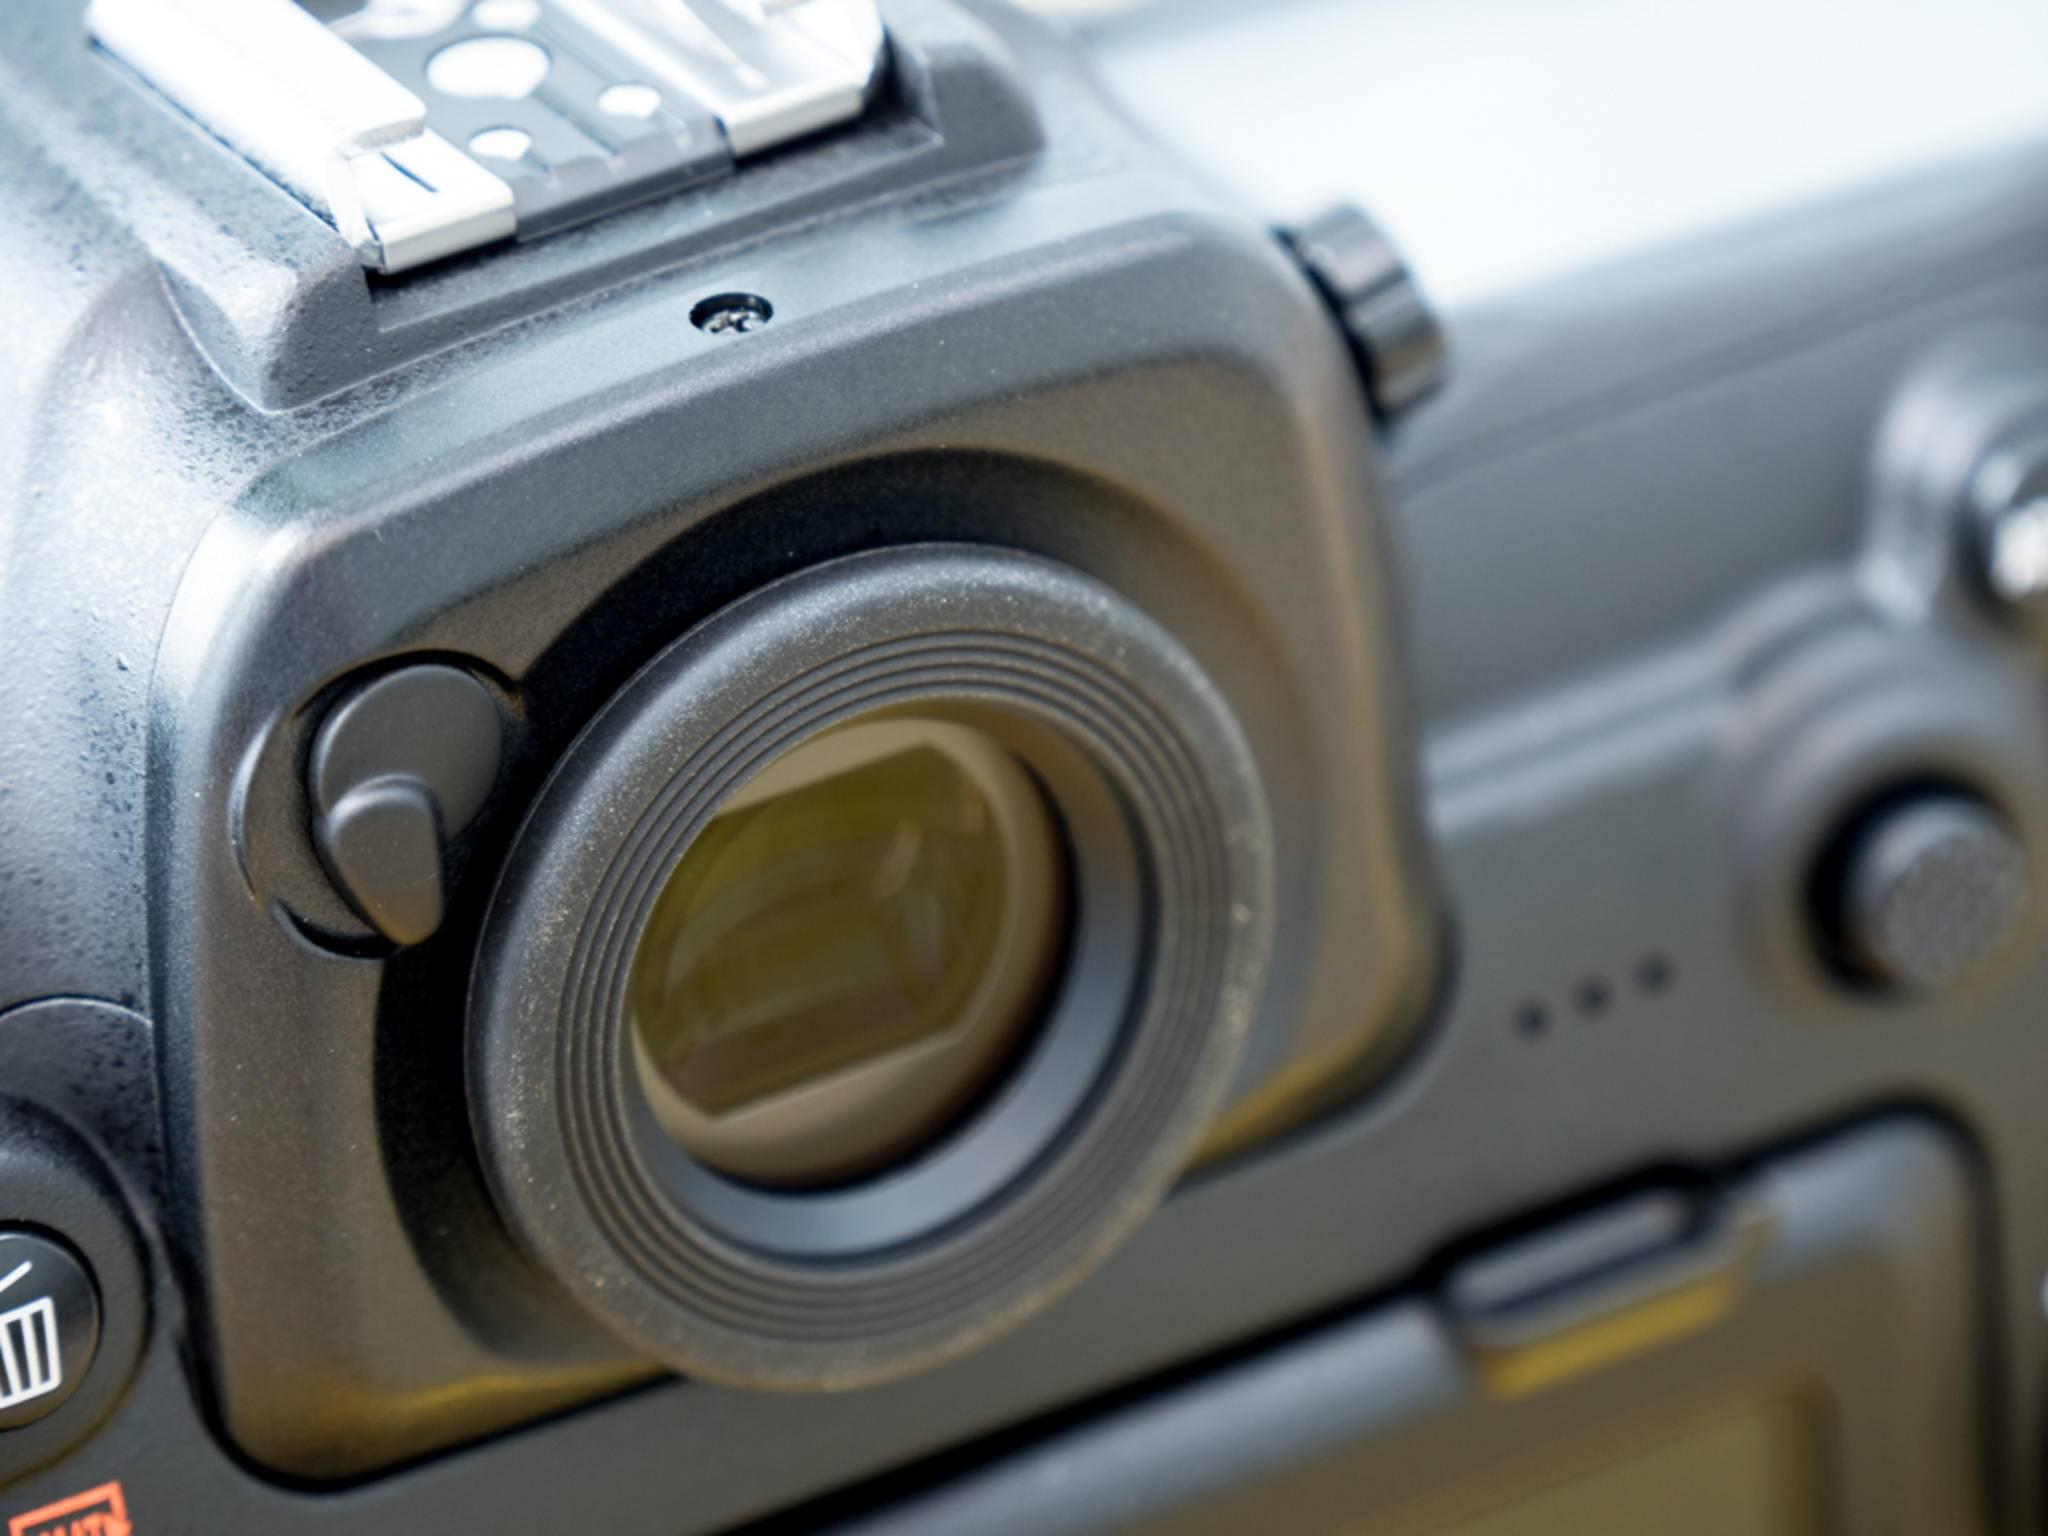 ... während der Sucher wieder gewohnte Nikon-Qualität bietet.